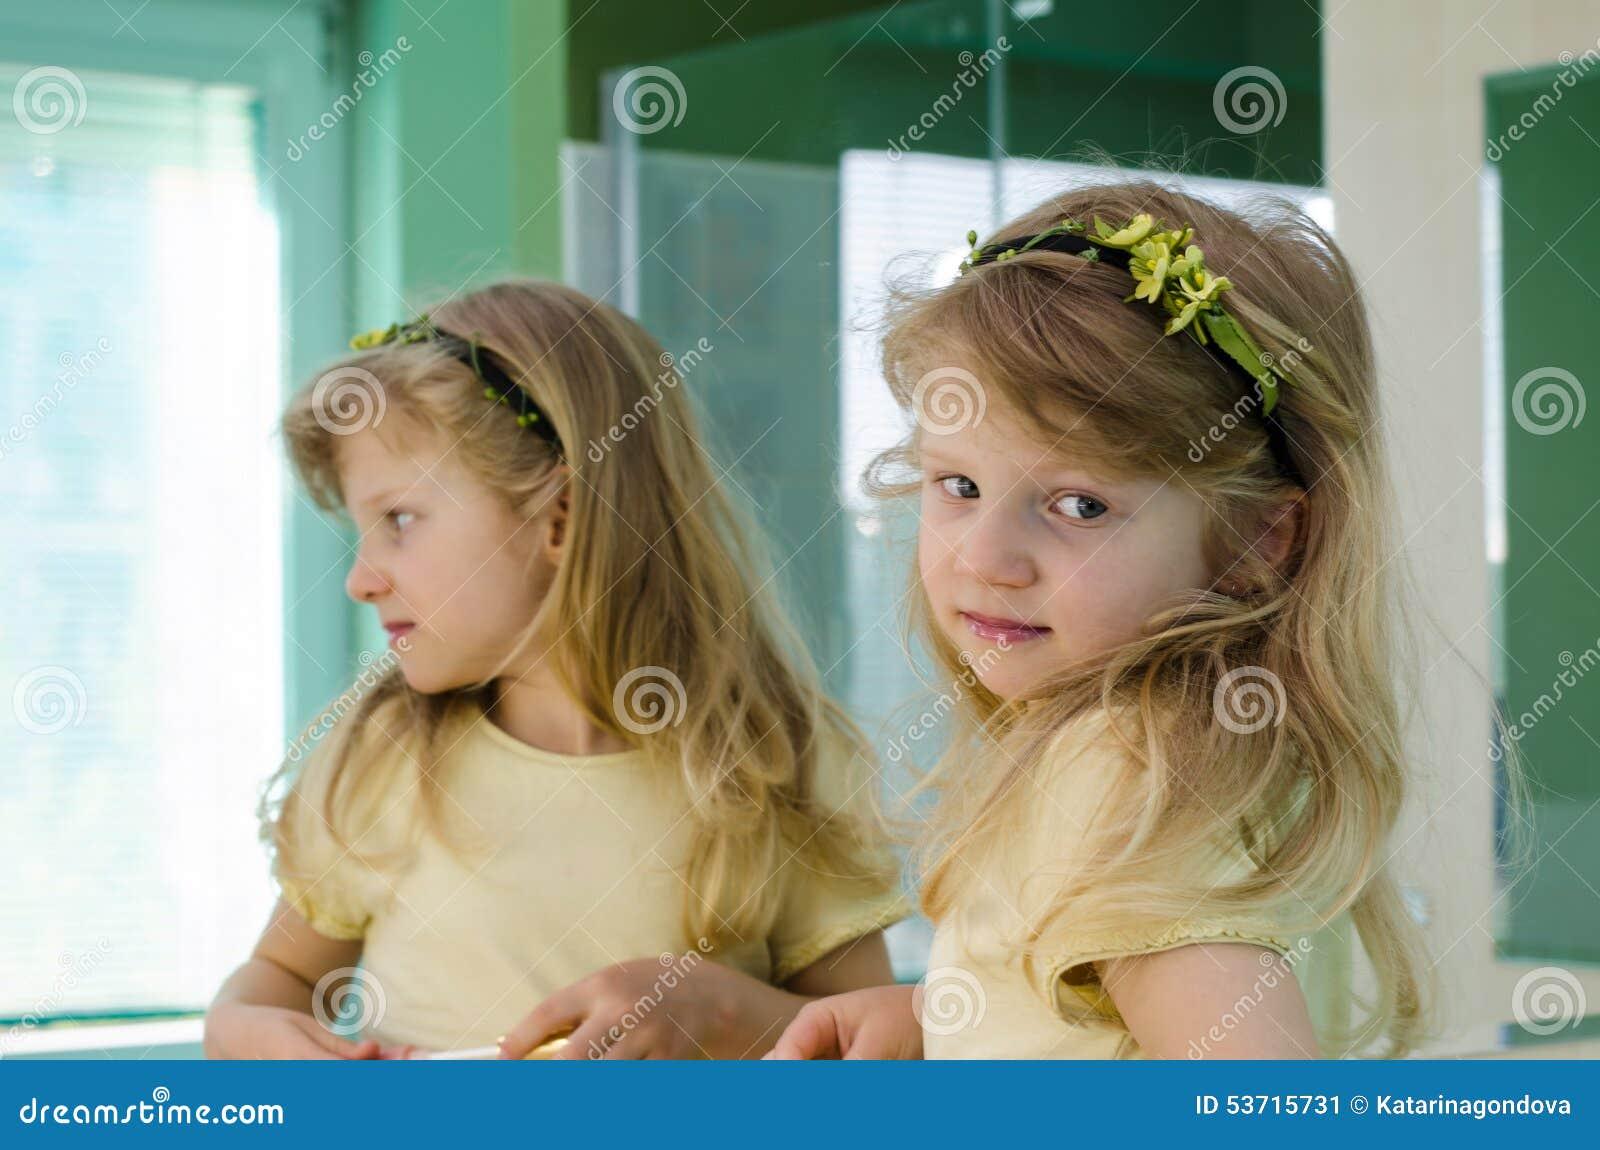 Ragazza bionda davanti allo specchio immagine stock - Ragazza davanti allo specchio ...